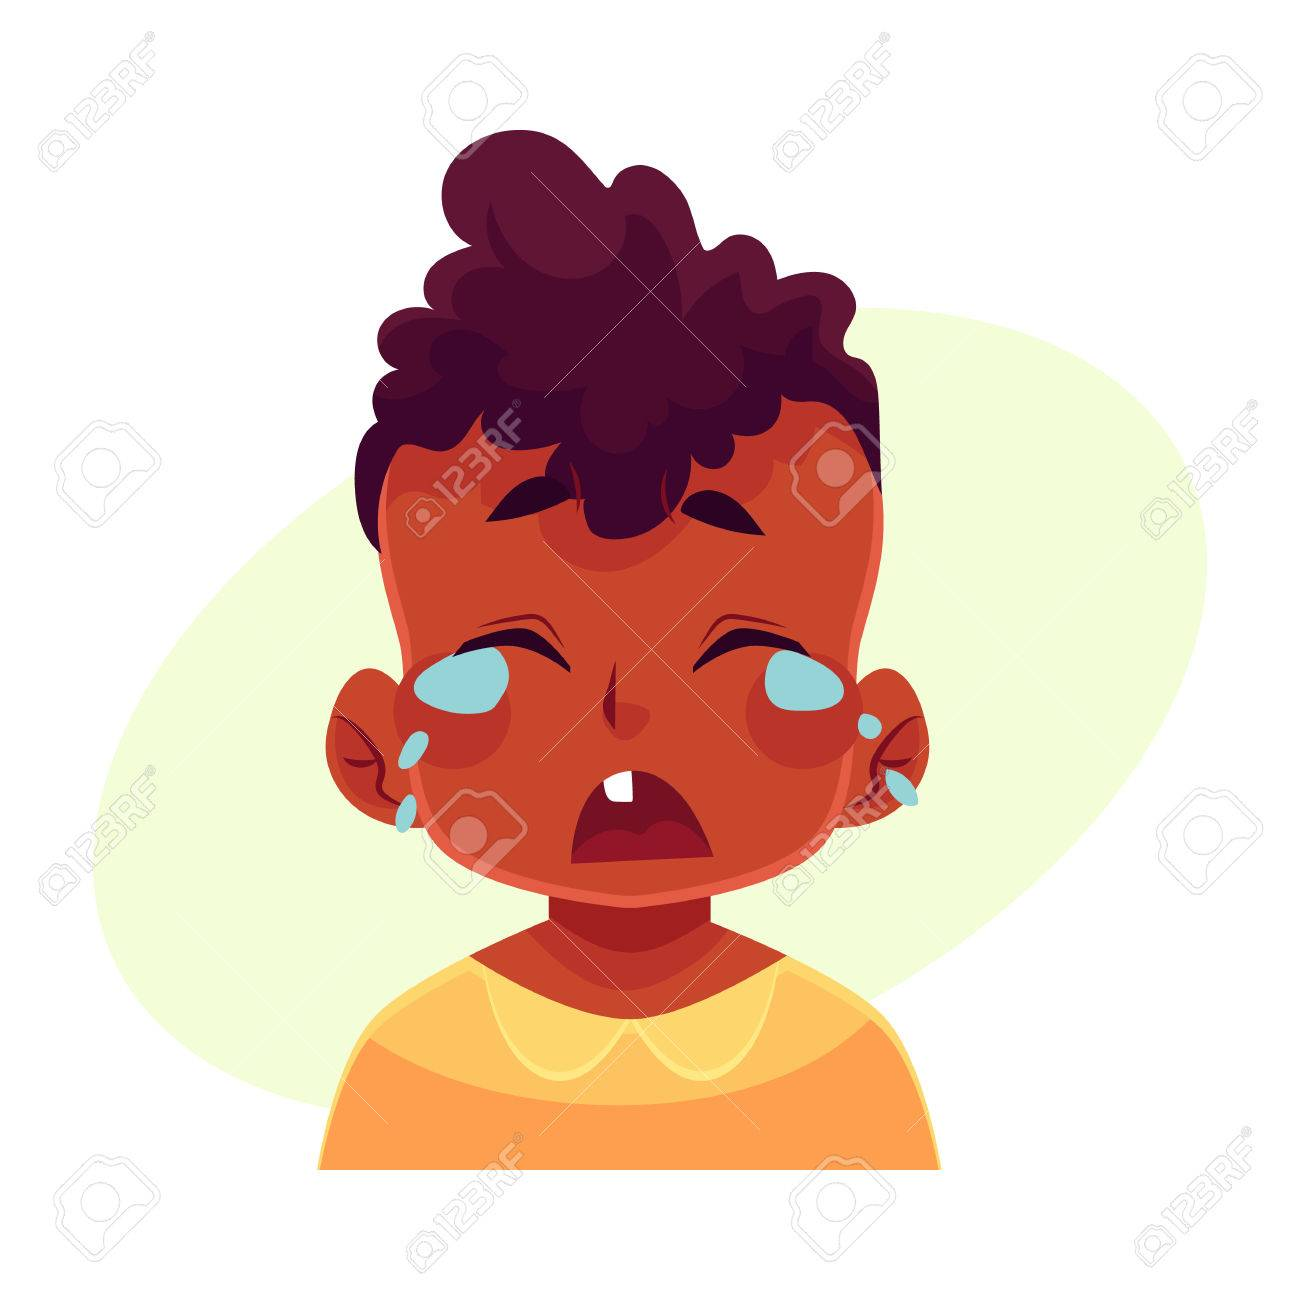 少年の顔表情黄色の背景に分離された漫画ベクトル イラストを泣い